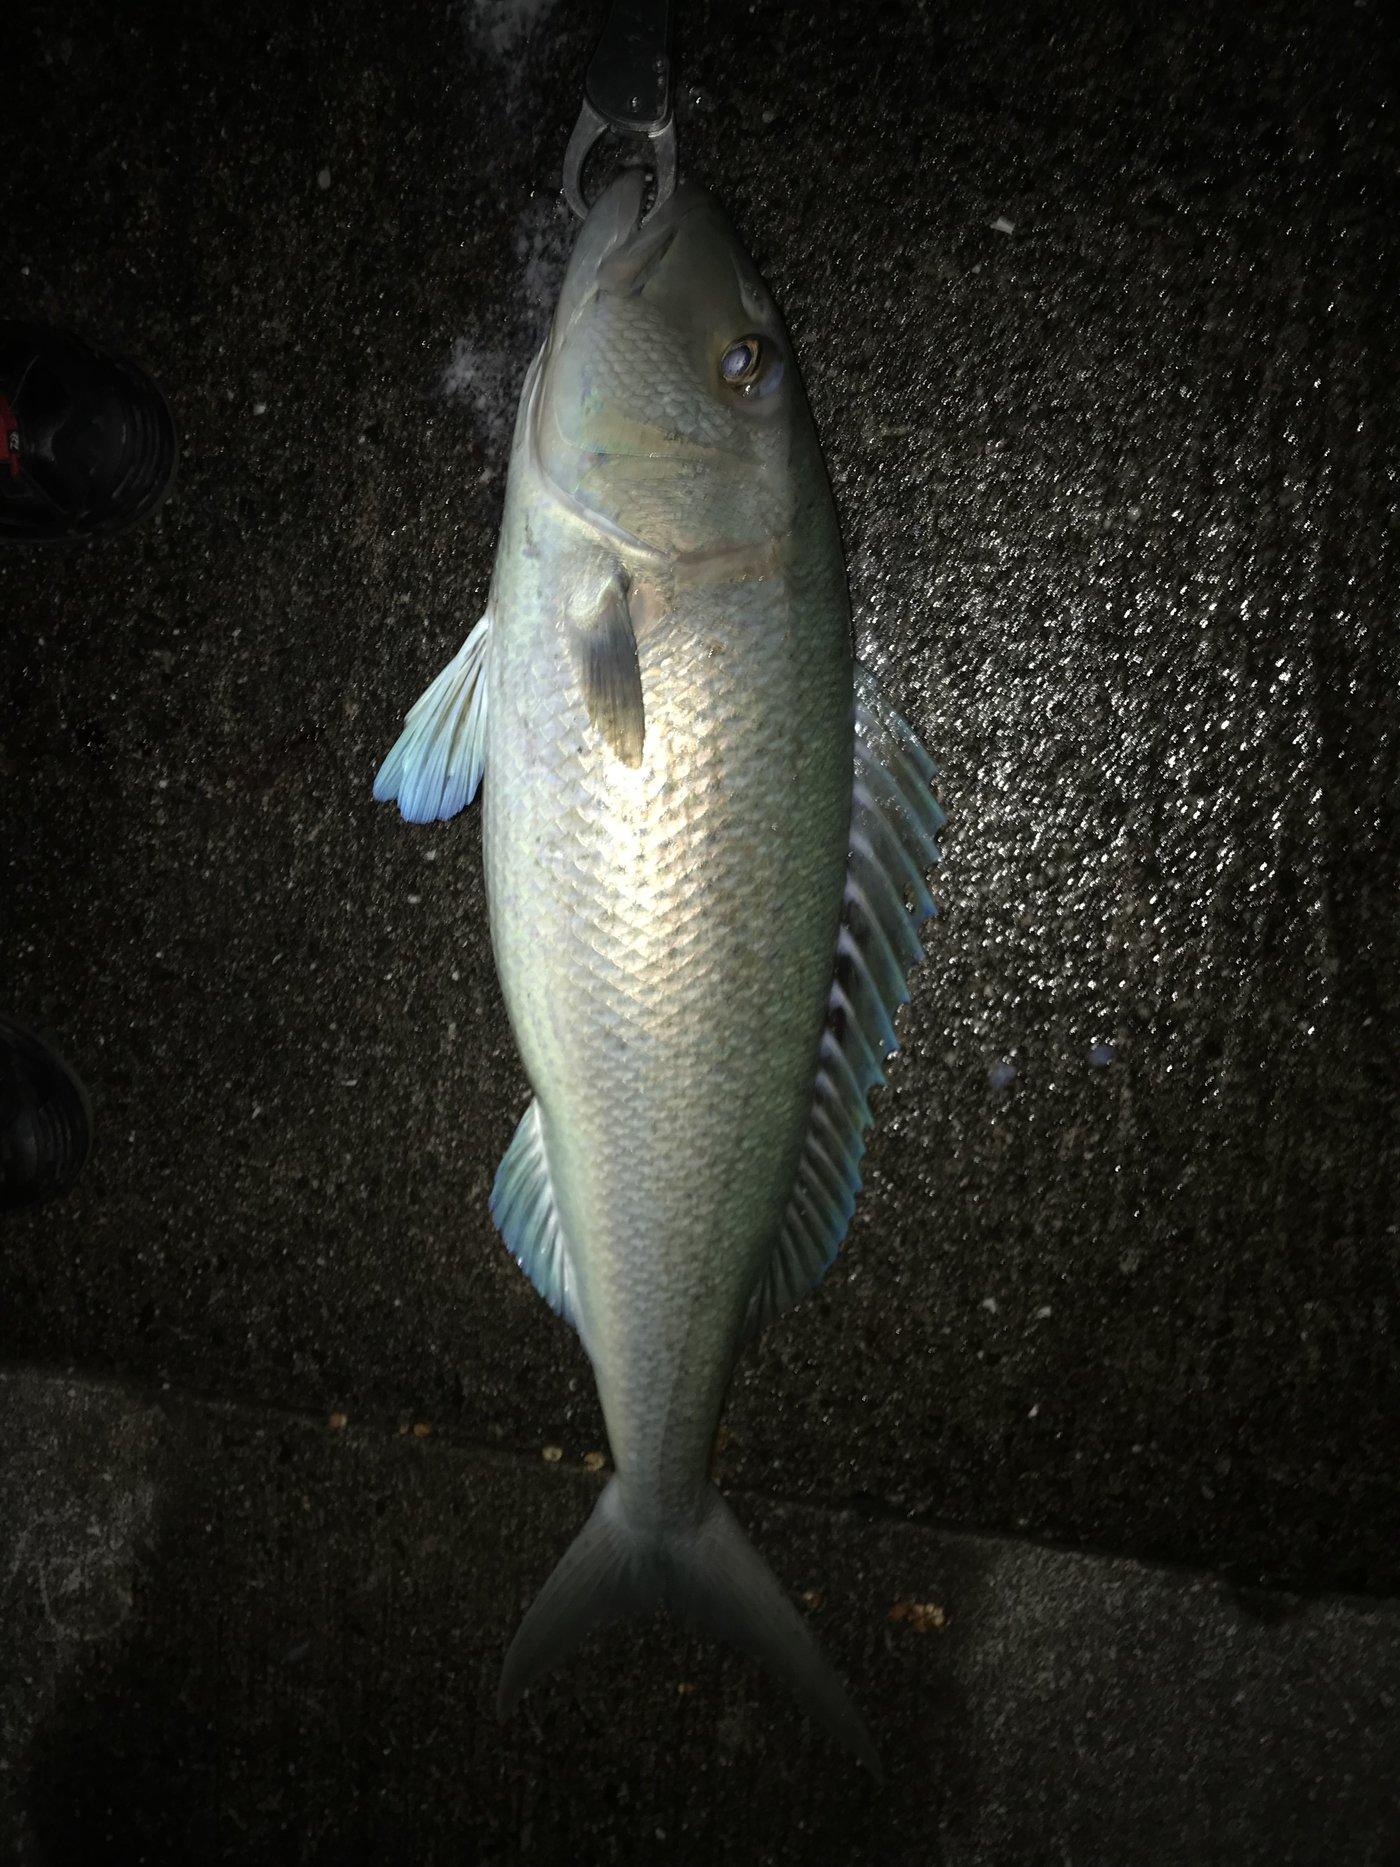 f11236さんの投稿画像,写っている魚はアオチビキ